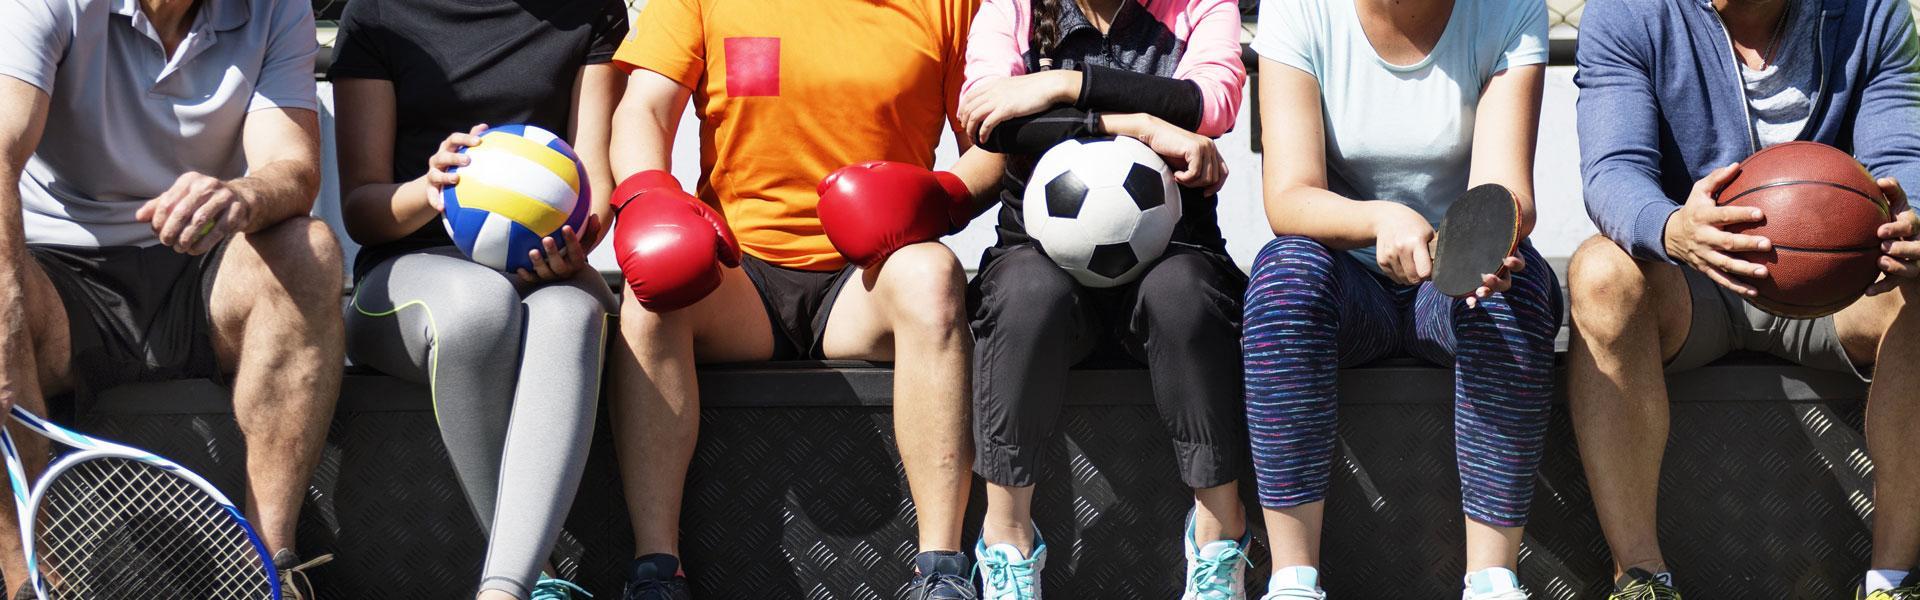 Fai sport? Ecco cosa fare in caso di lussazioni o fratture dei denti